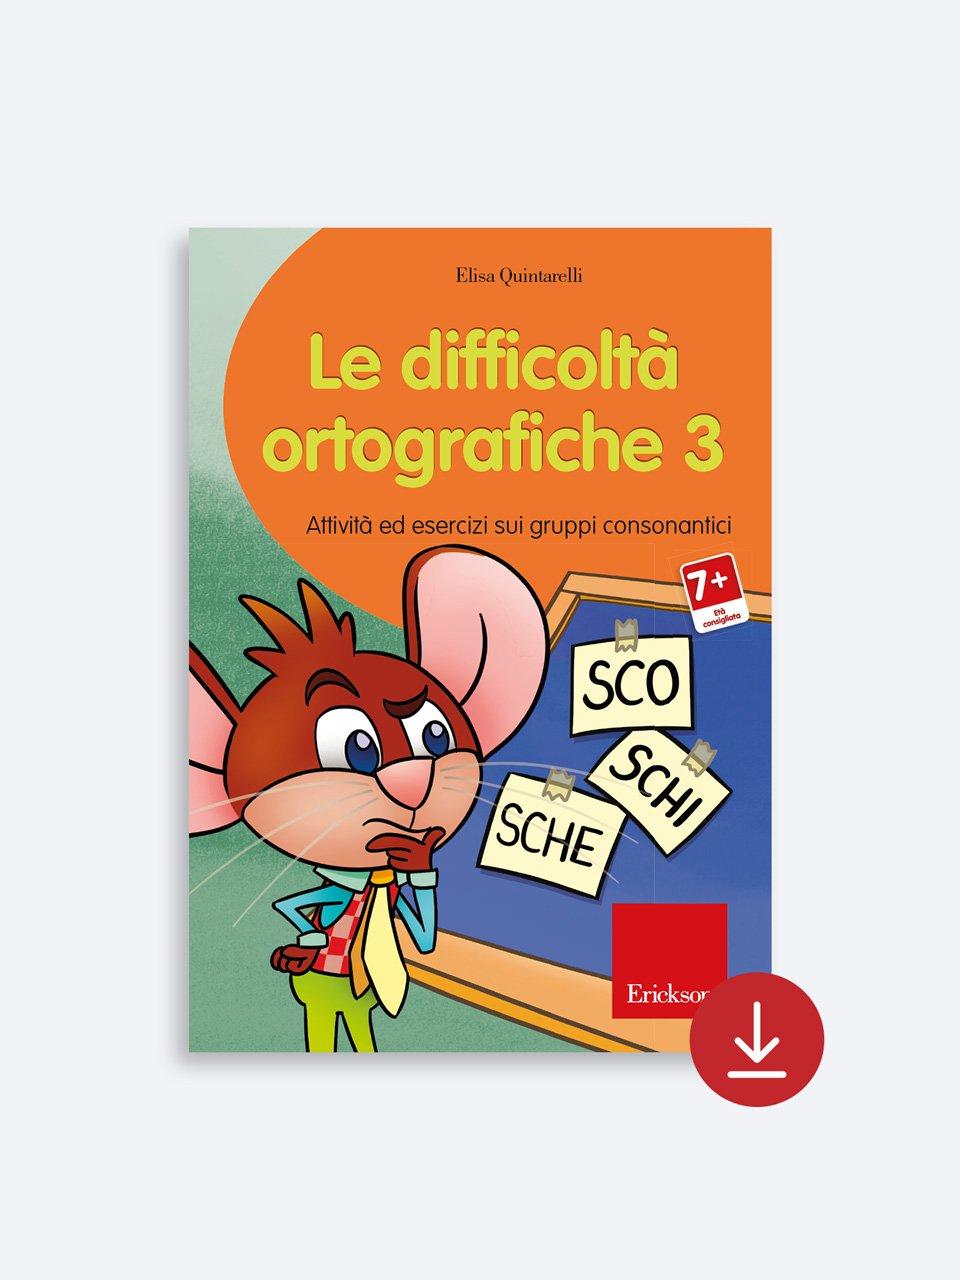 Le difficoltà ortografiche - Volume 3 - Prove di lettura e scrittura MT-16-19 - Libri - Erickson